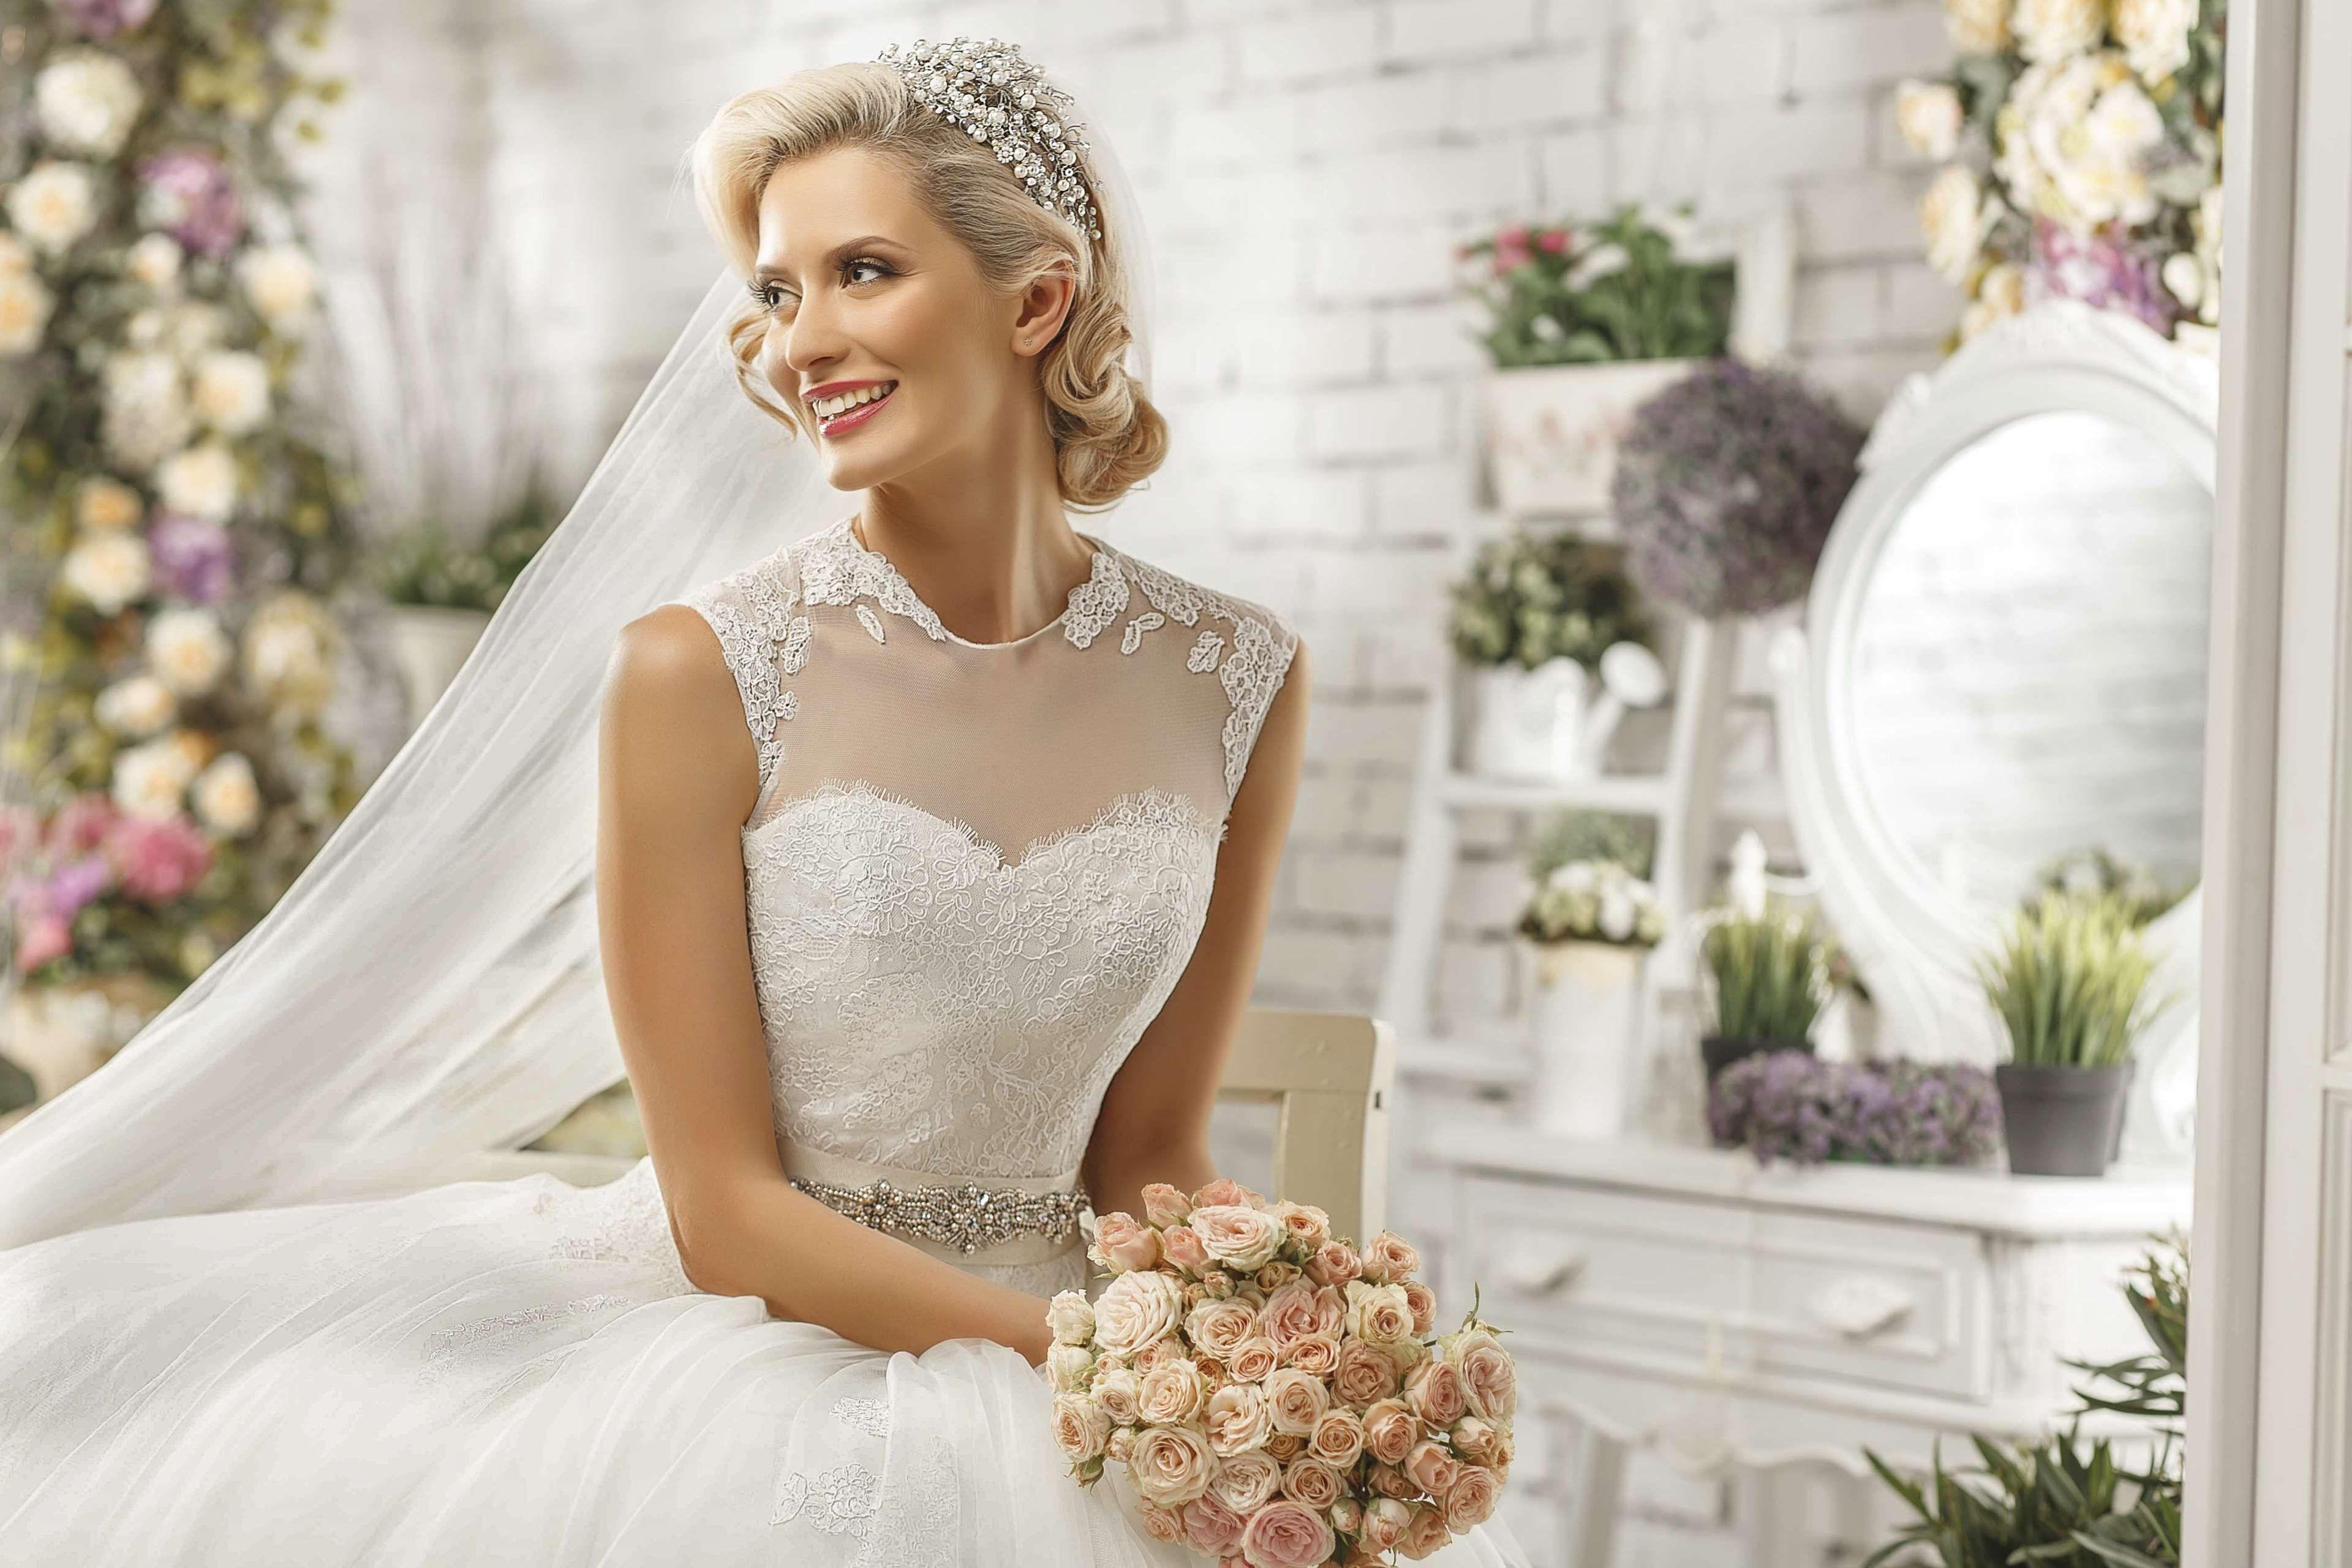 beautiful blur bouquet bridal bride ceremony close up ...